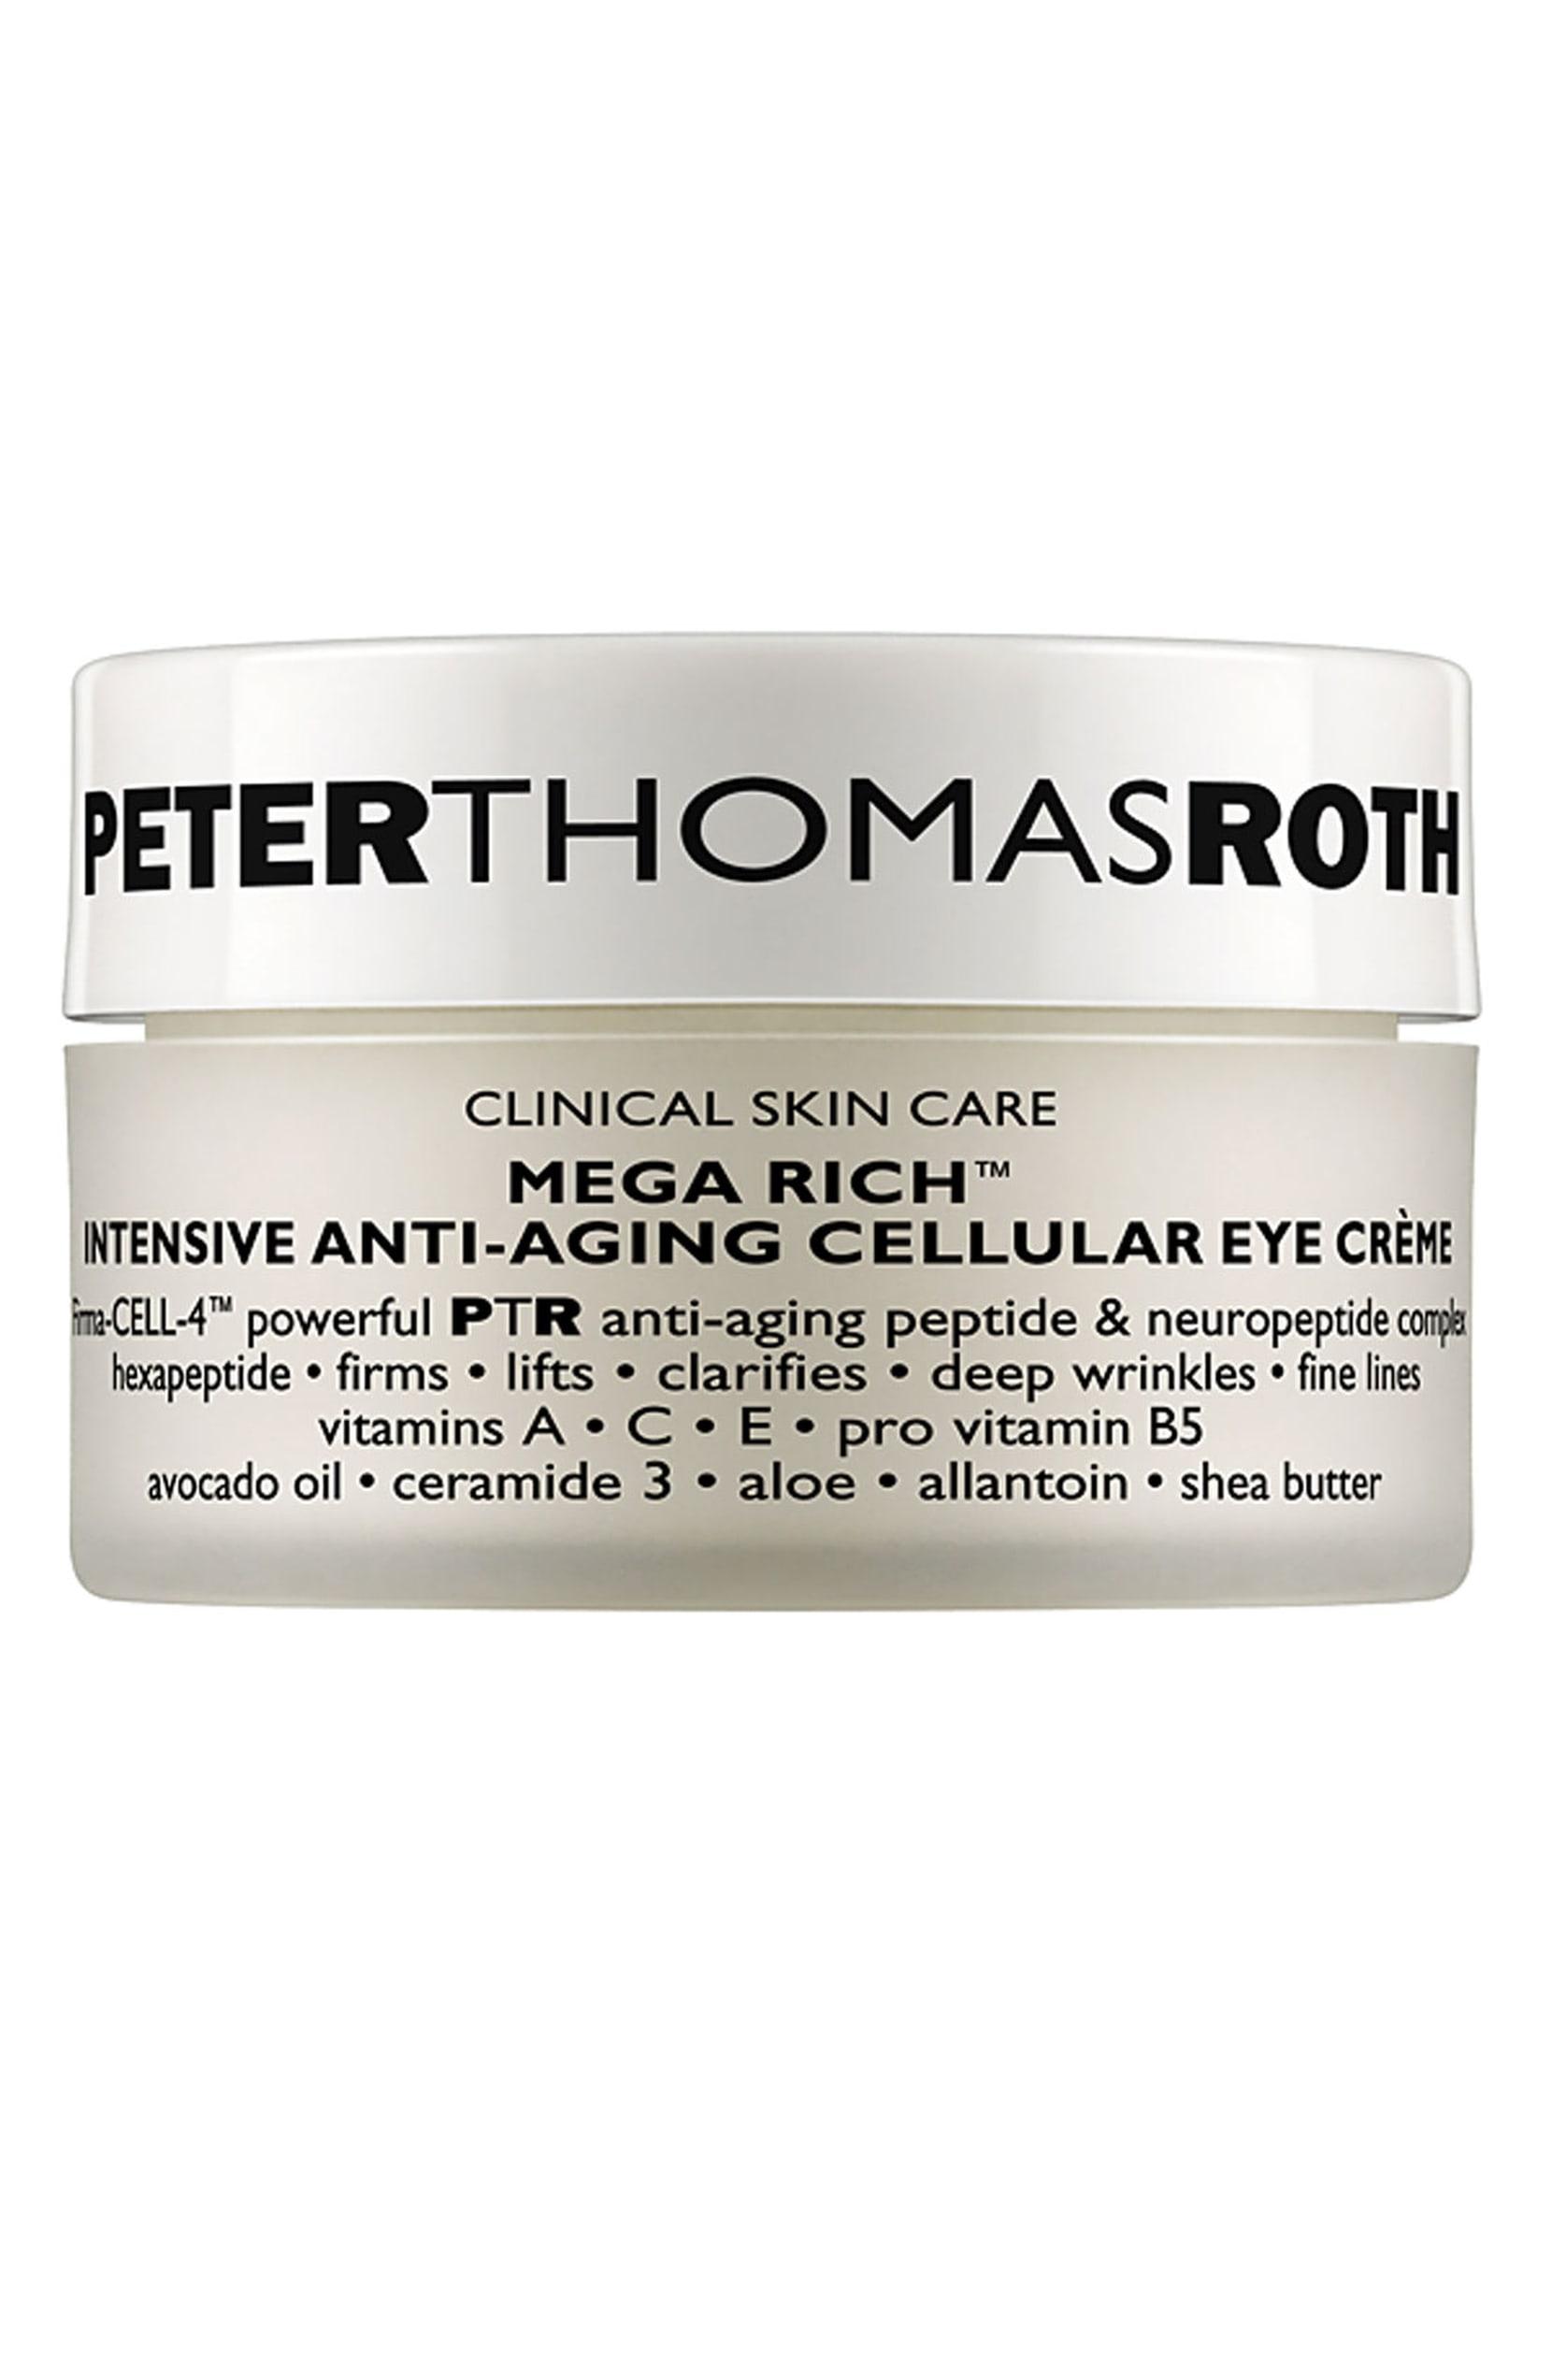 Peter Thomas Roth Mega Rich Intensive Anti-Aging Cellular Eye Creme